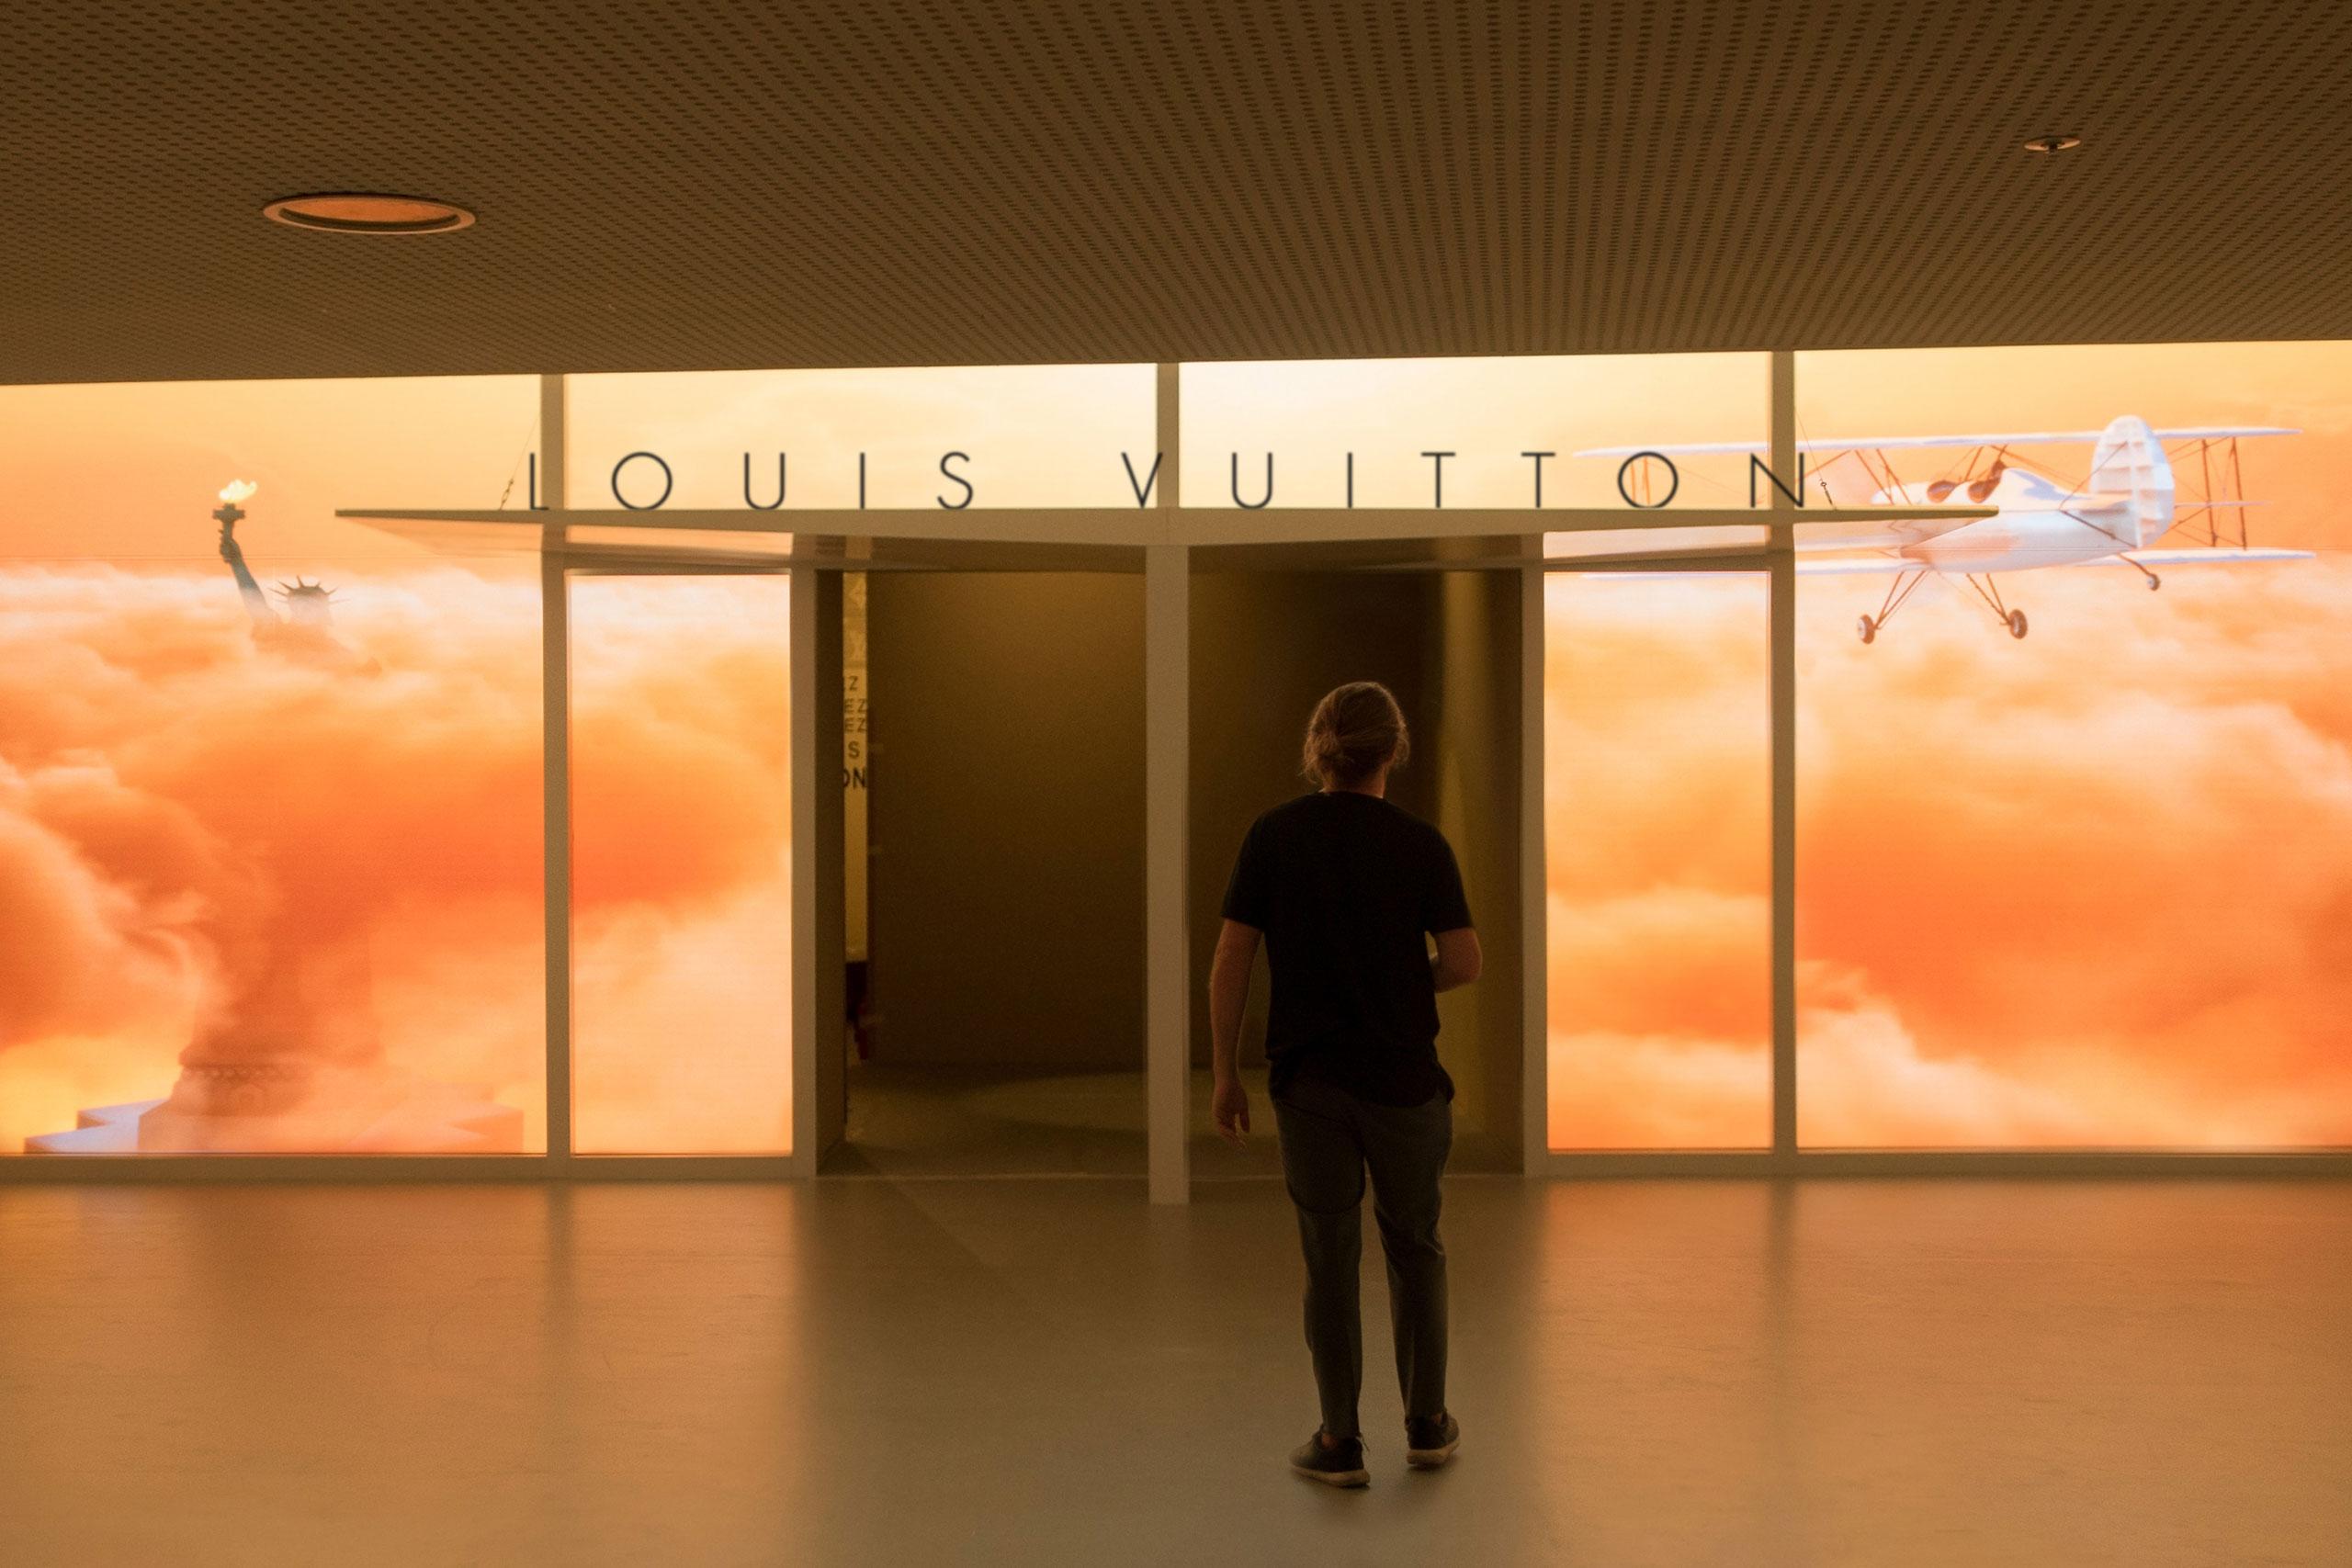 Louis Vuitton Volez, Voguez, Voyagez Seoul